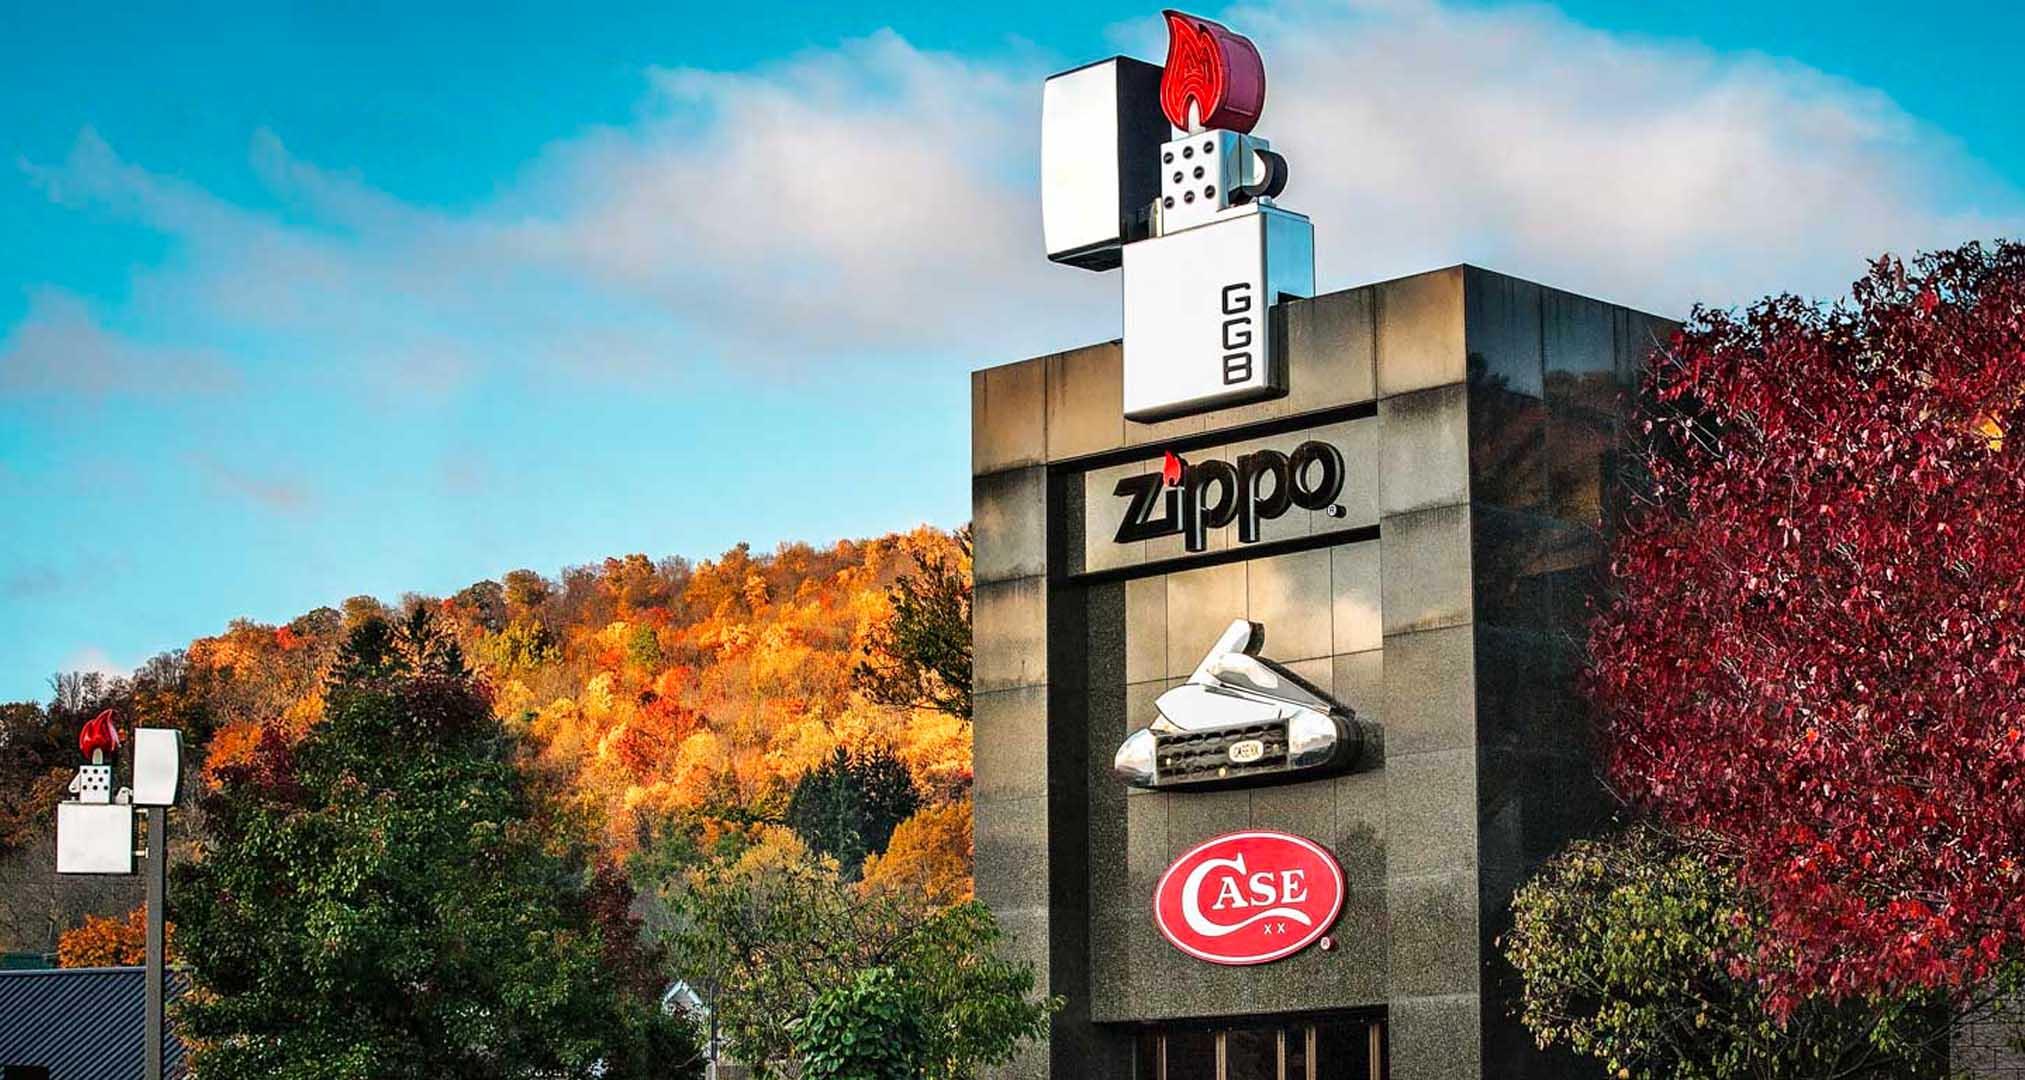 Museo de Zippo en Bradford